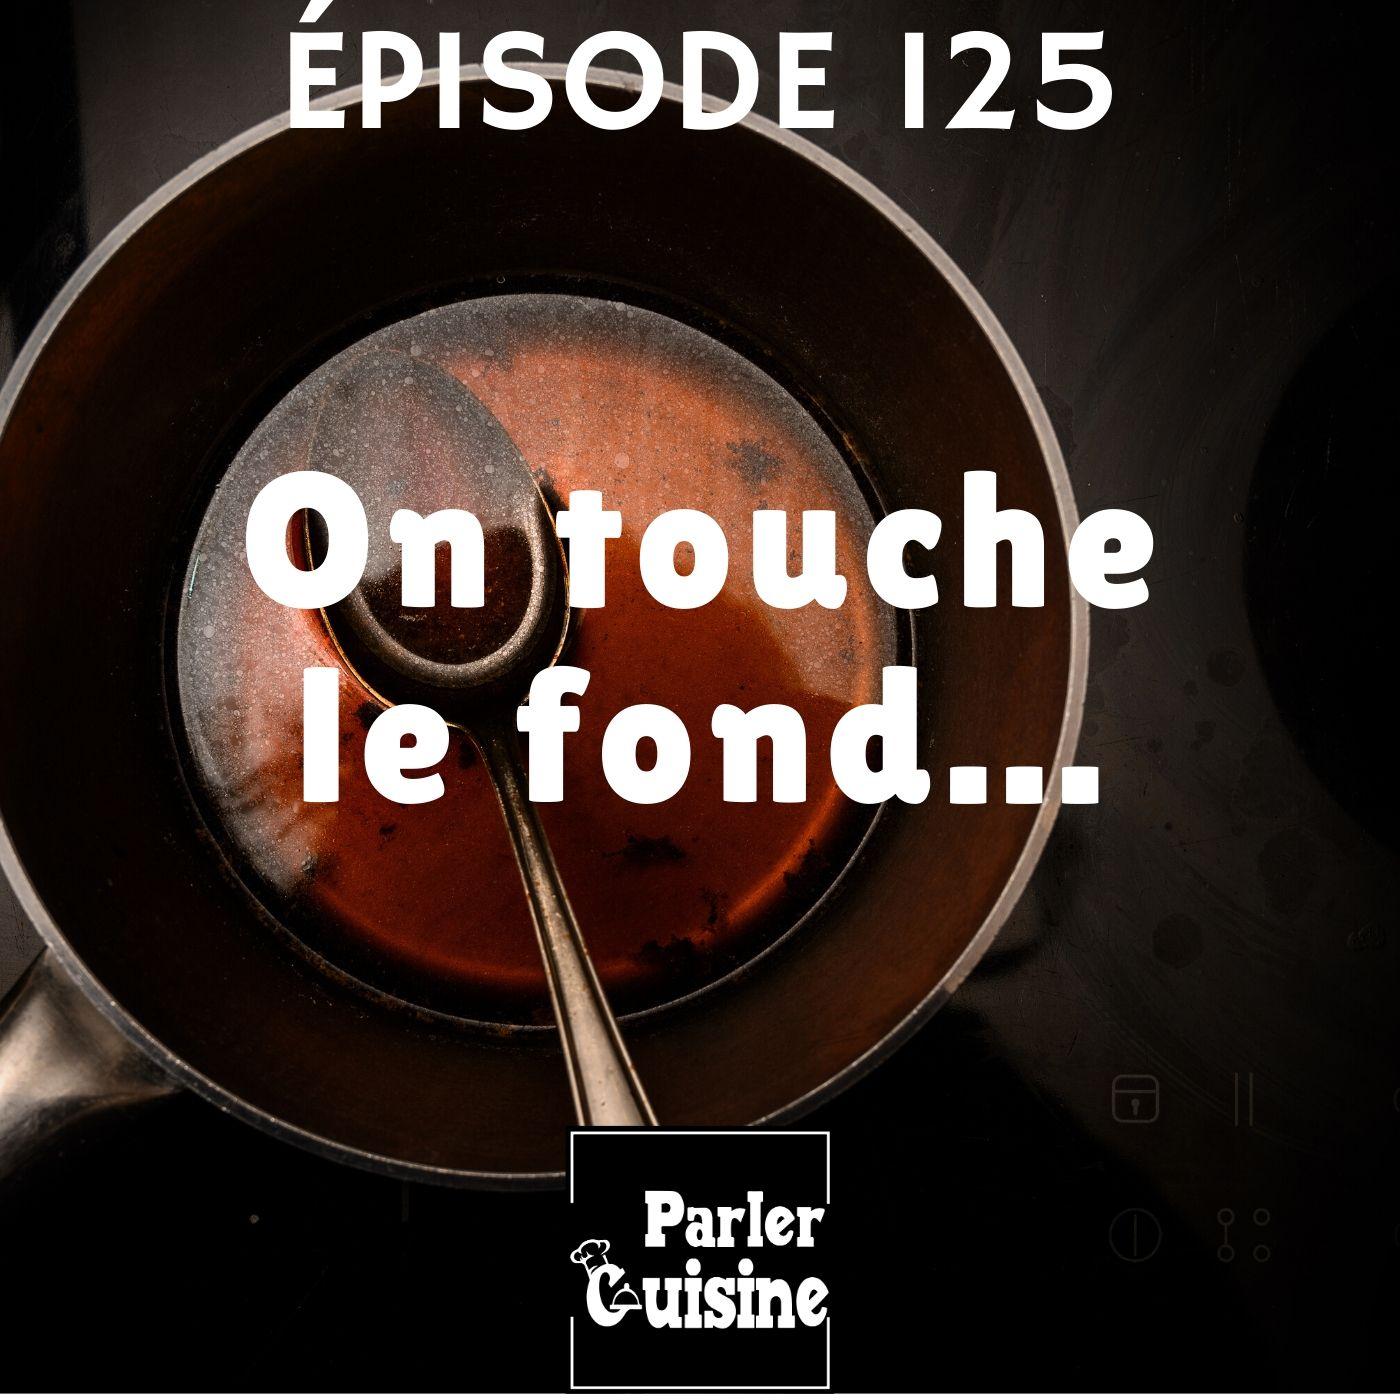 Épisode 125 : On touche le fond...